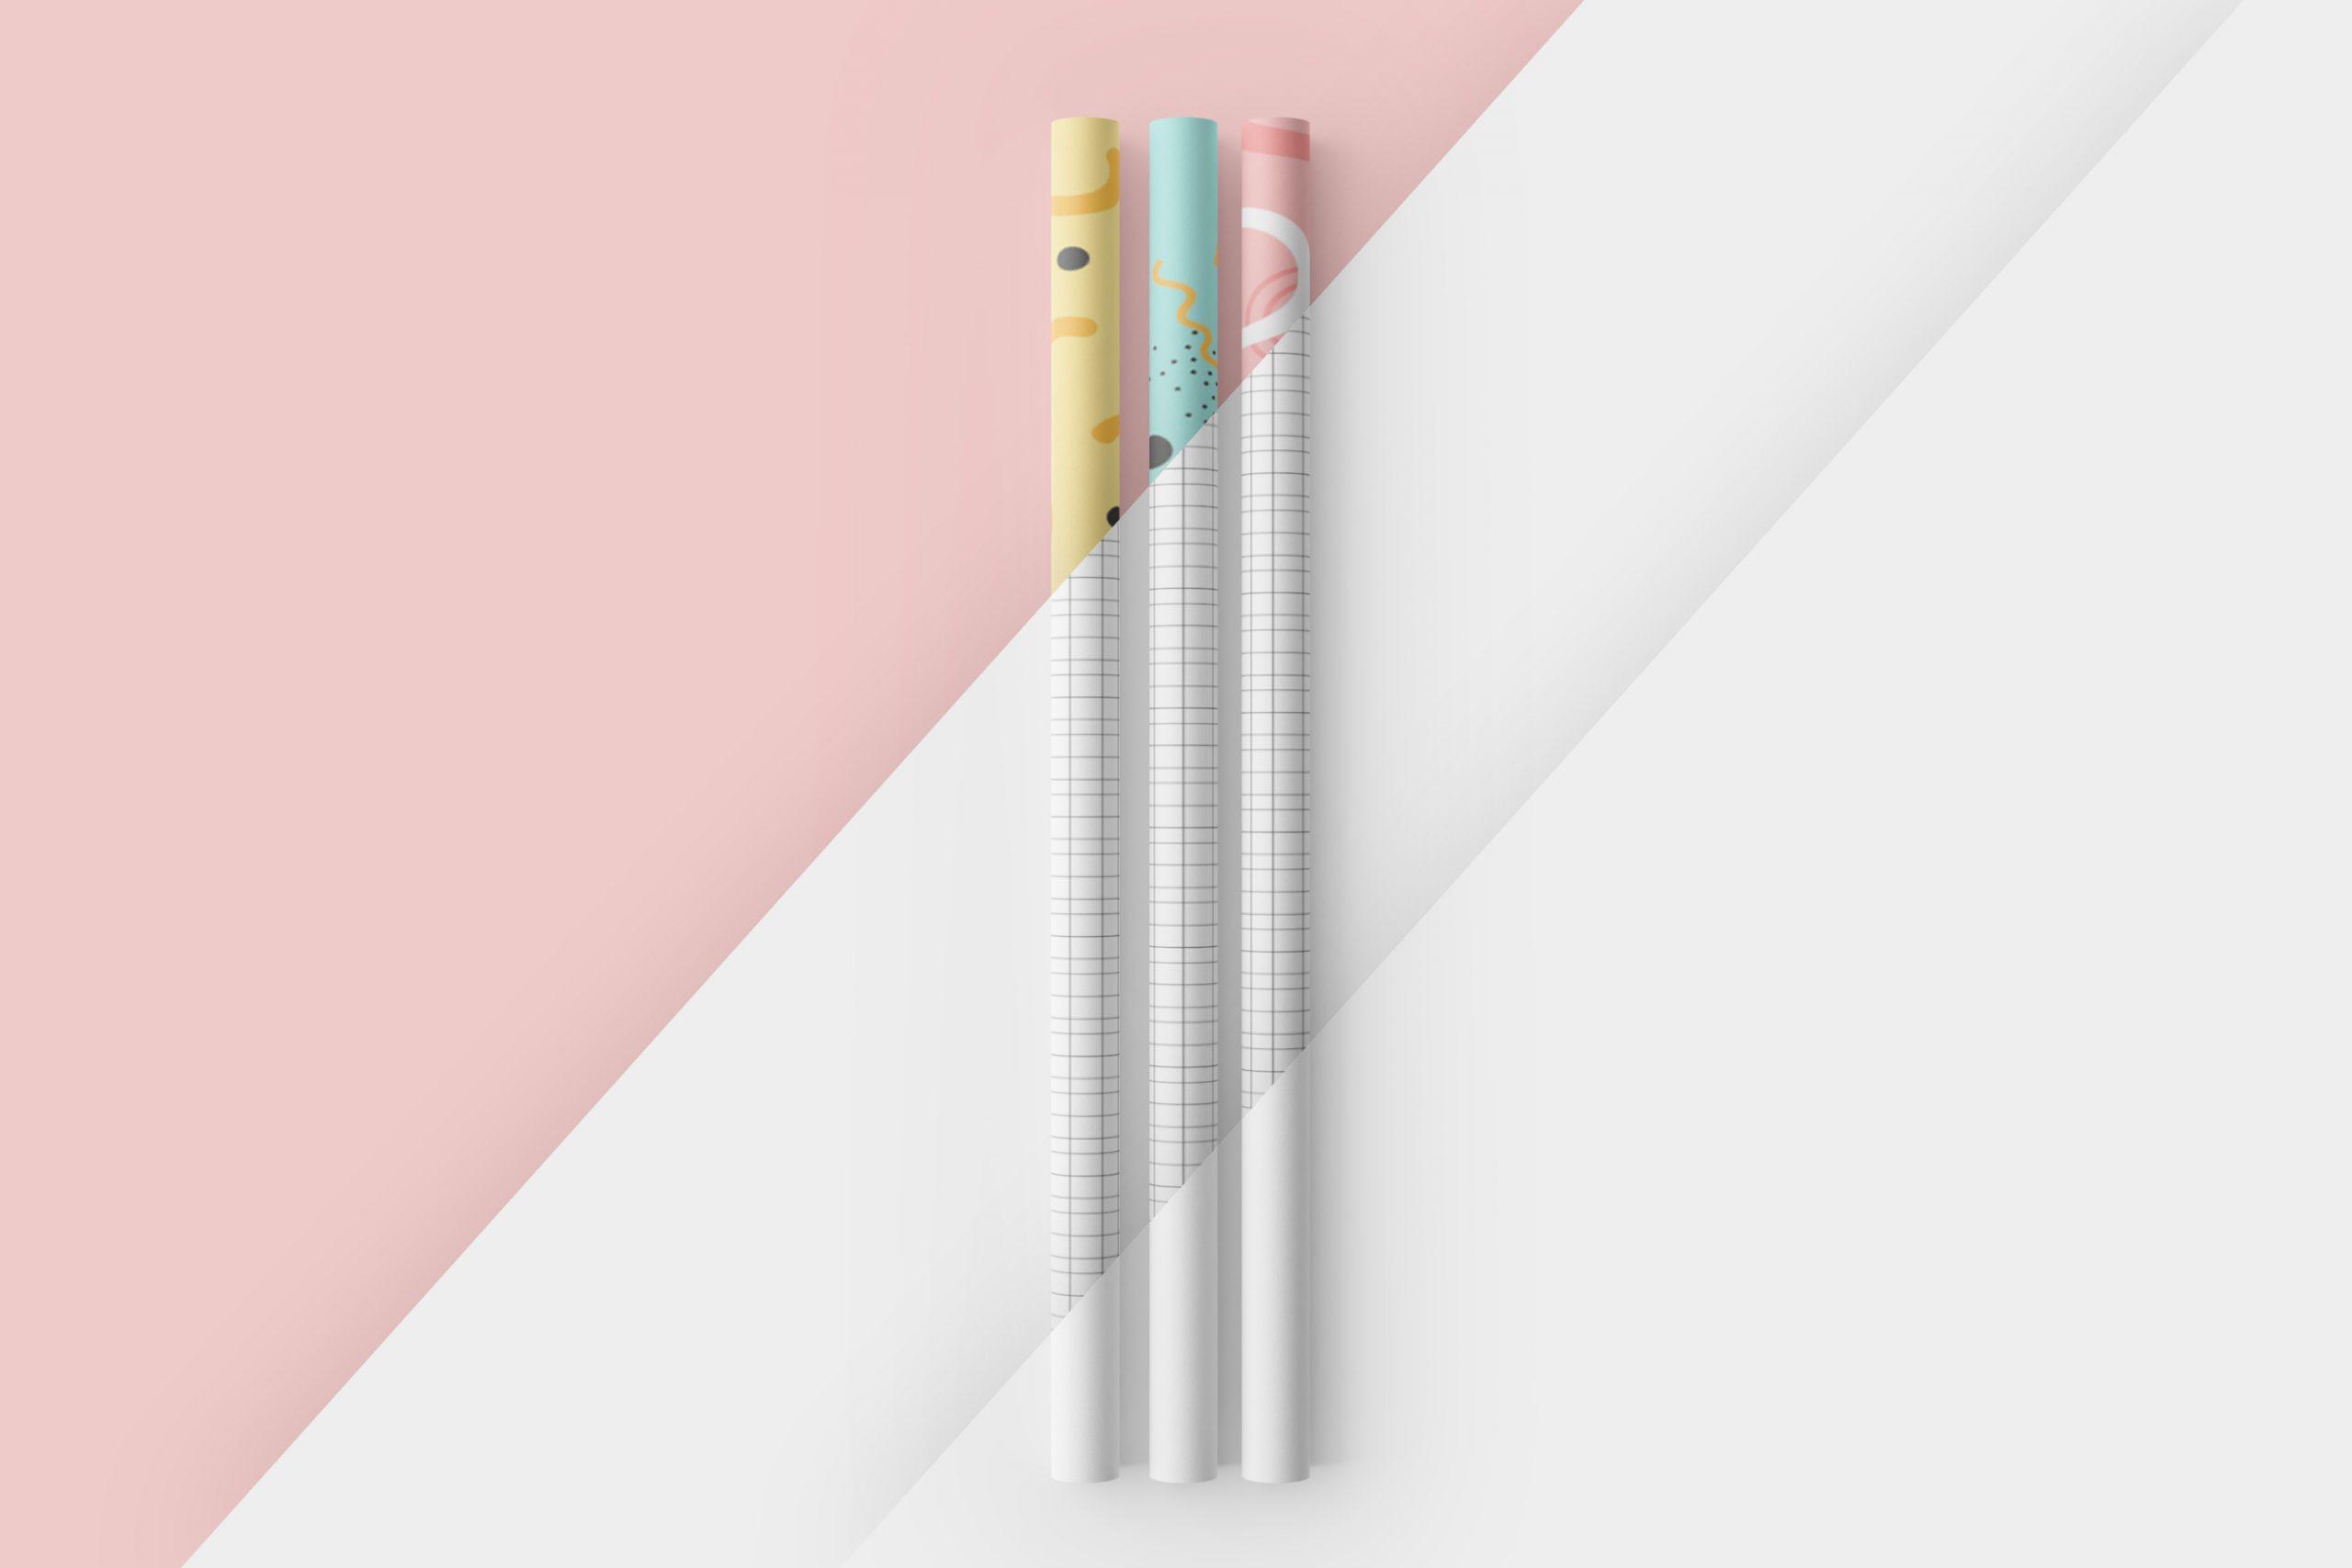 Paper Straw 3D Mockup